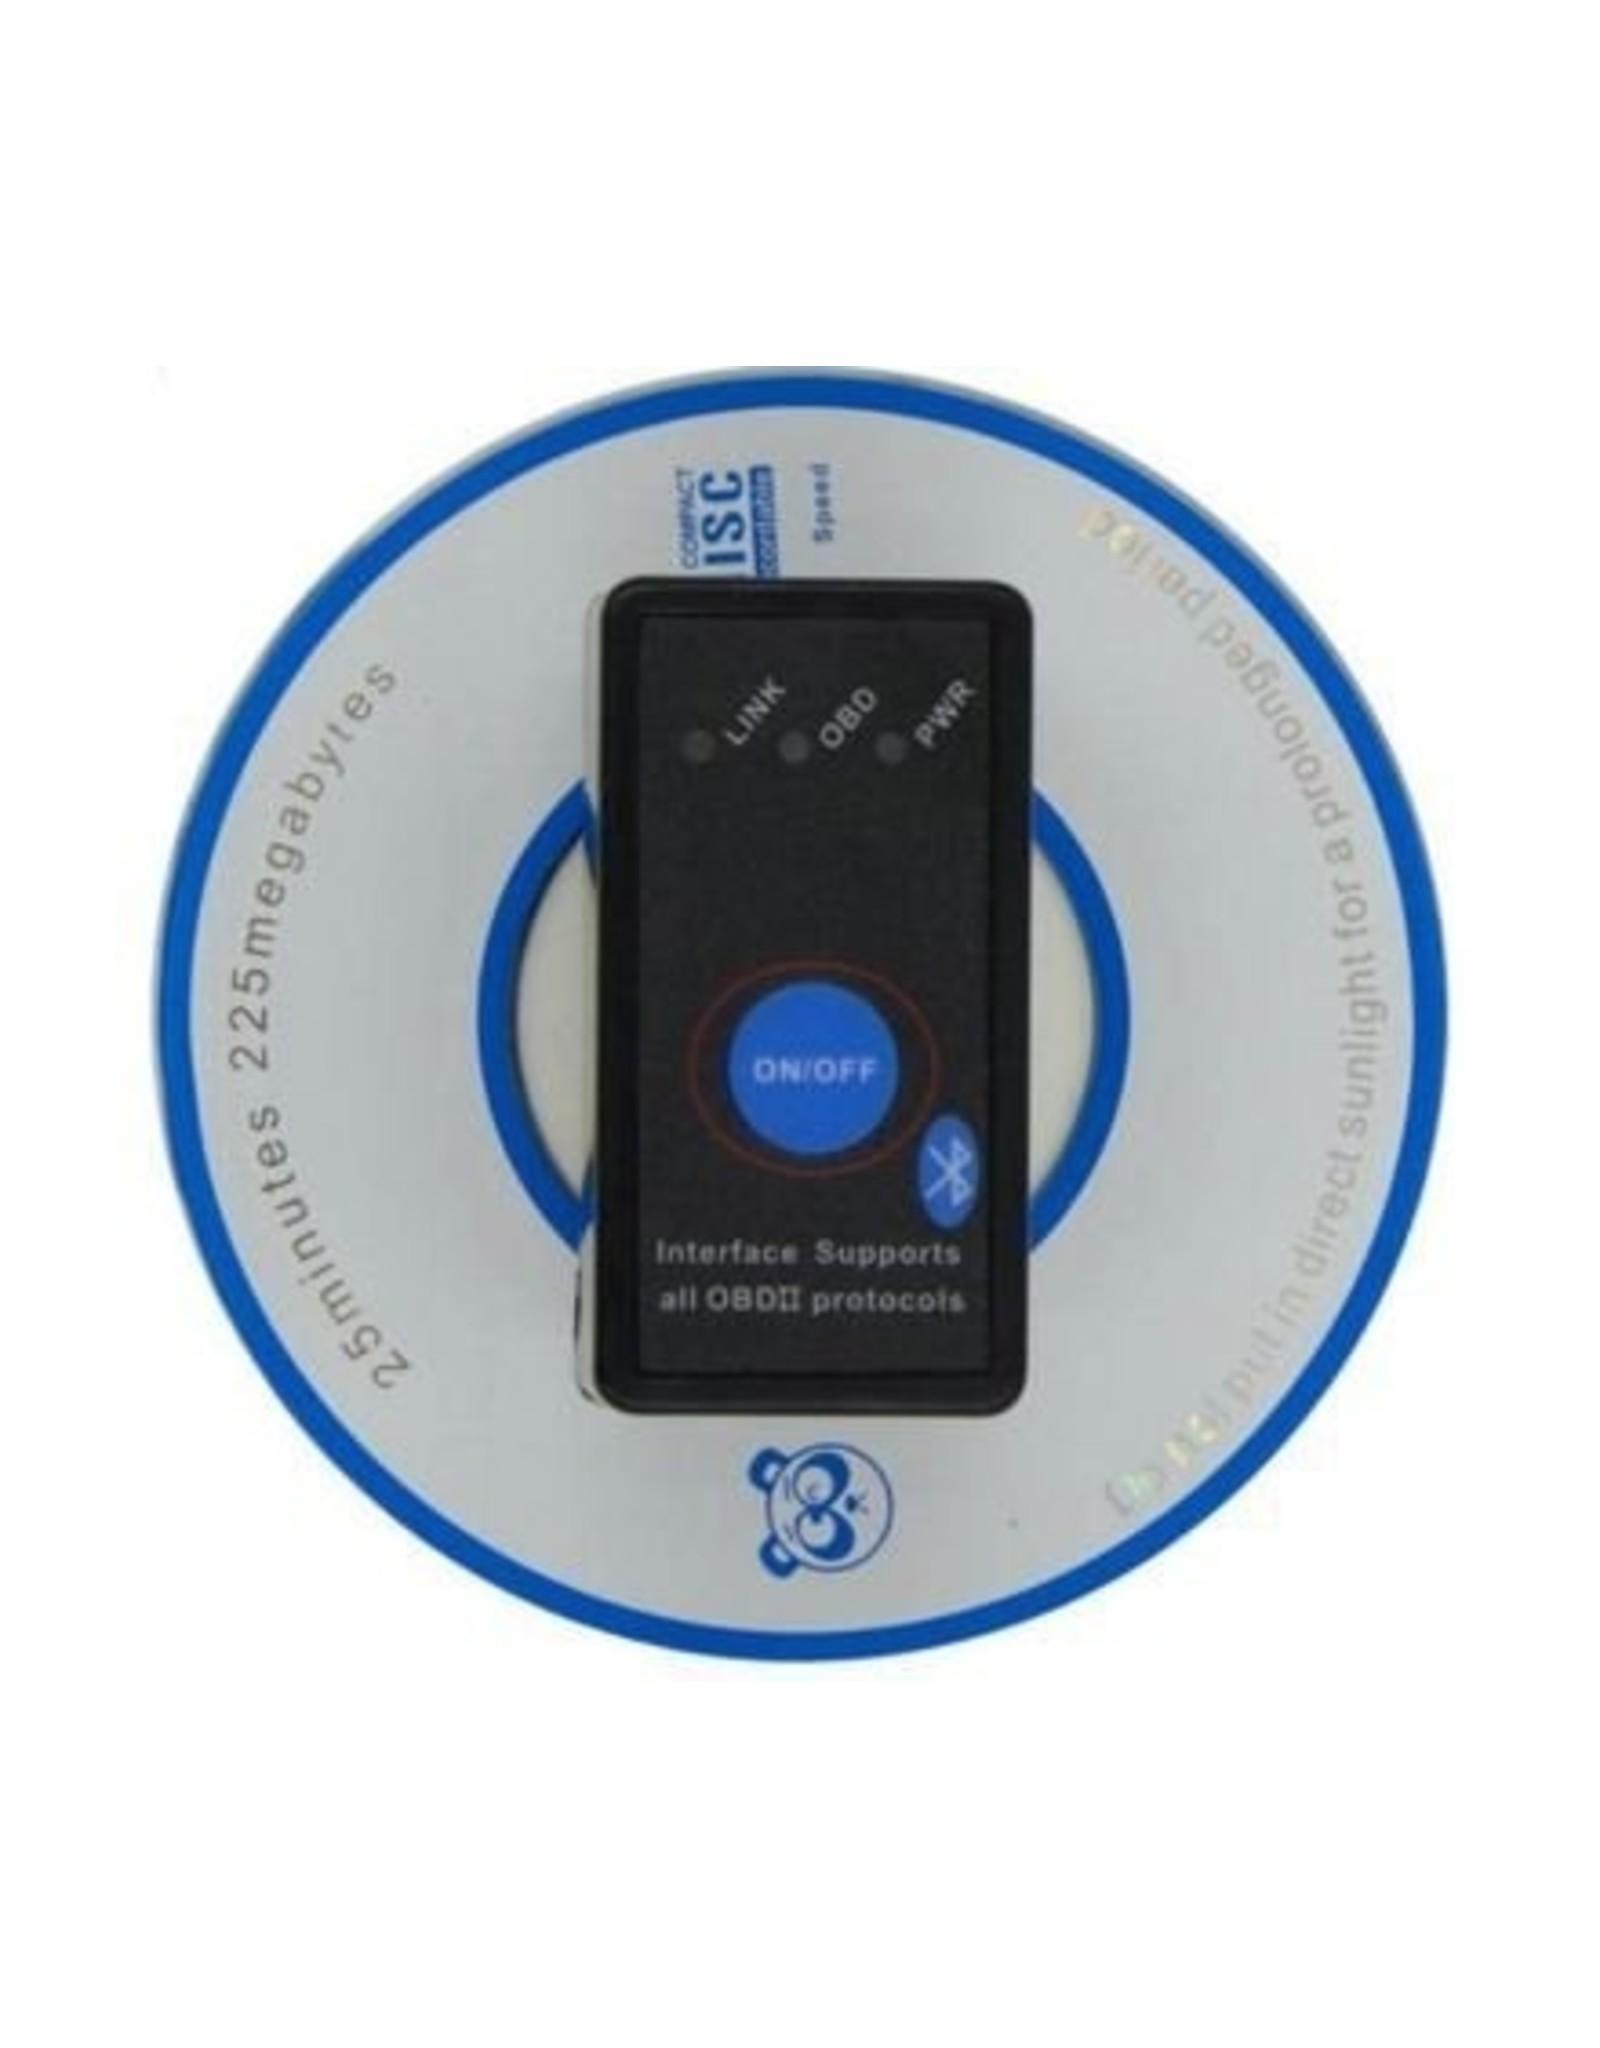 Auto ELM327 OBDII Diagnose Scanner met Bluetooth Functie